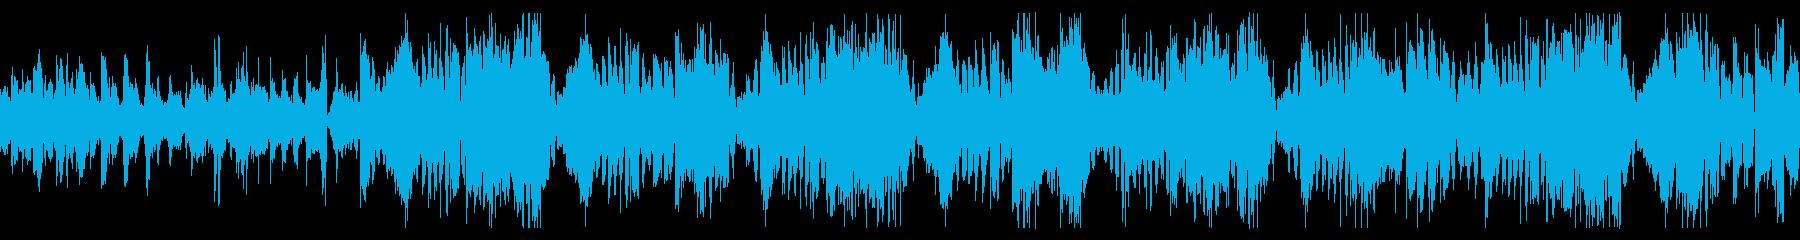 アグレッシブなダブステップ 30秒版の再生済みの波形